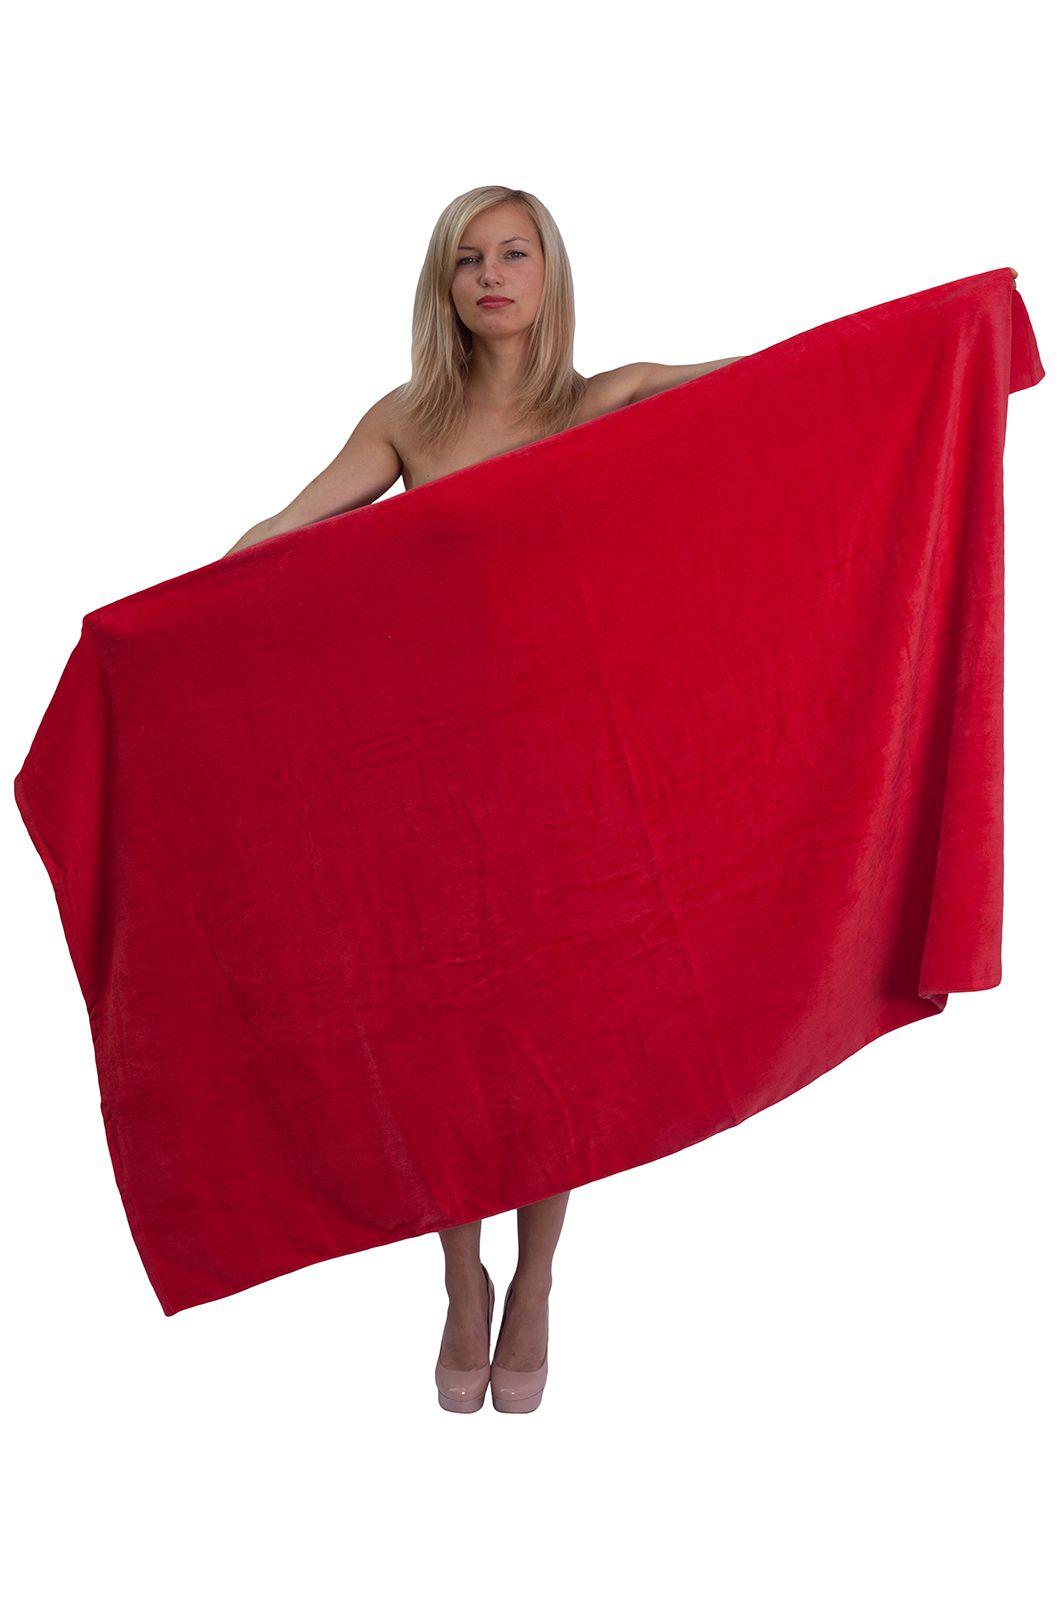 Красное махровое полотенце - купить онлайн в интернет-магазине